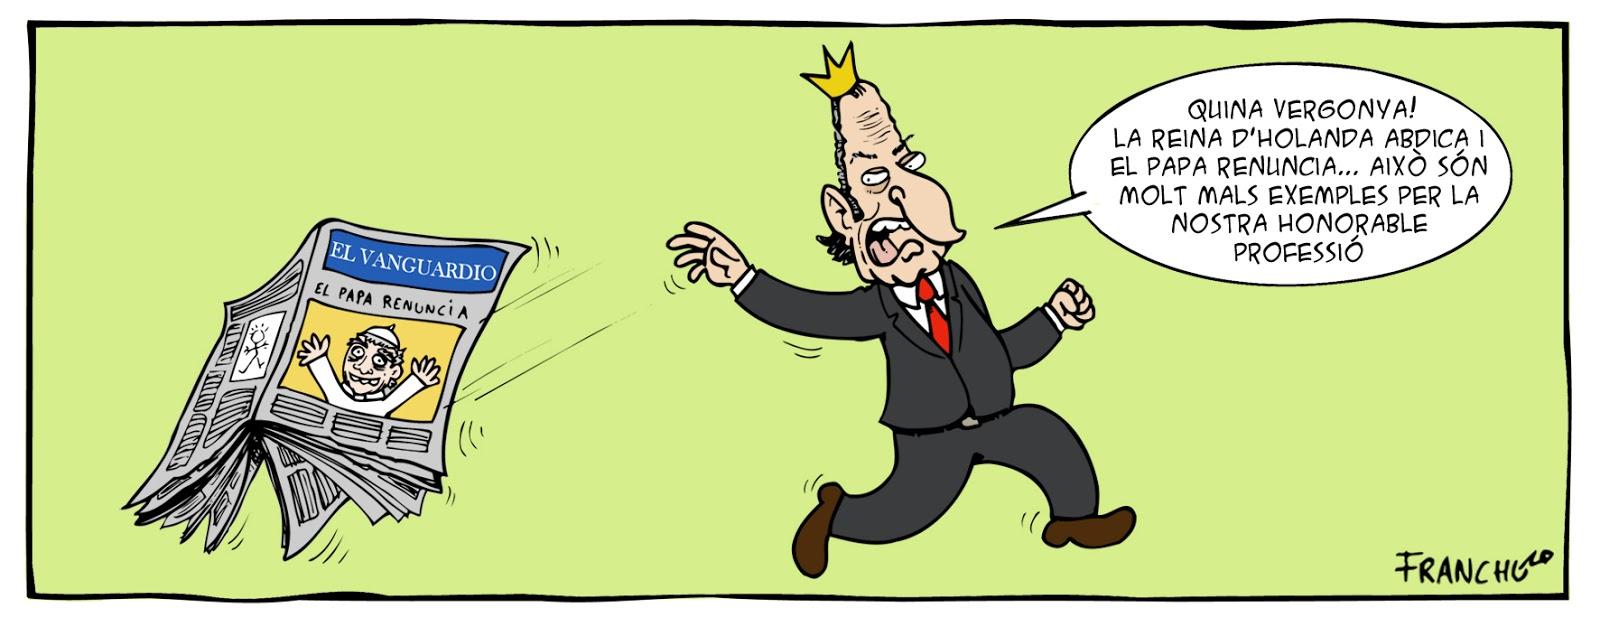 Rey Juan Carlos...abdica?